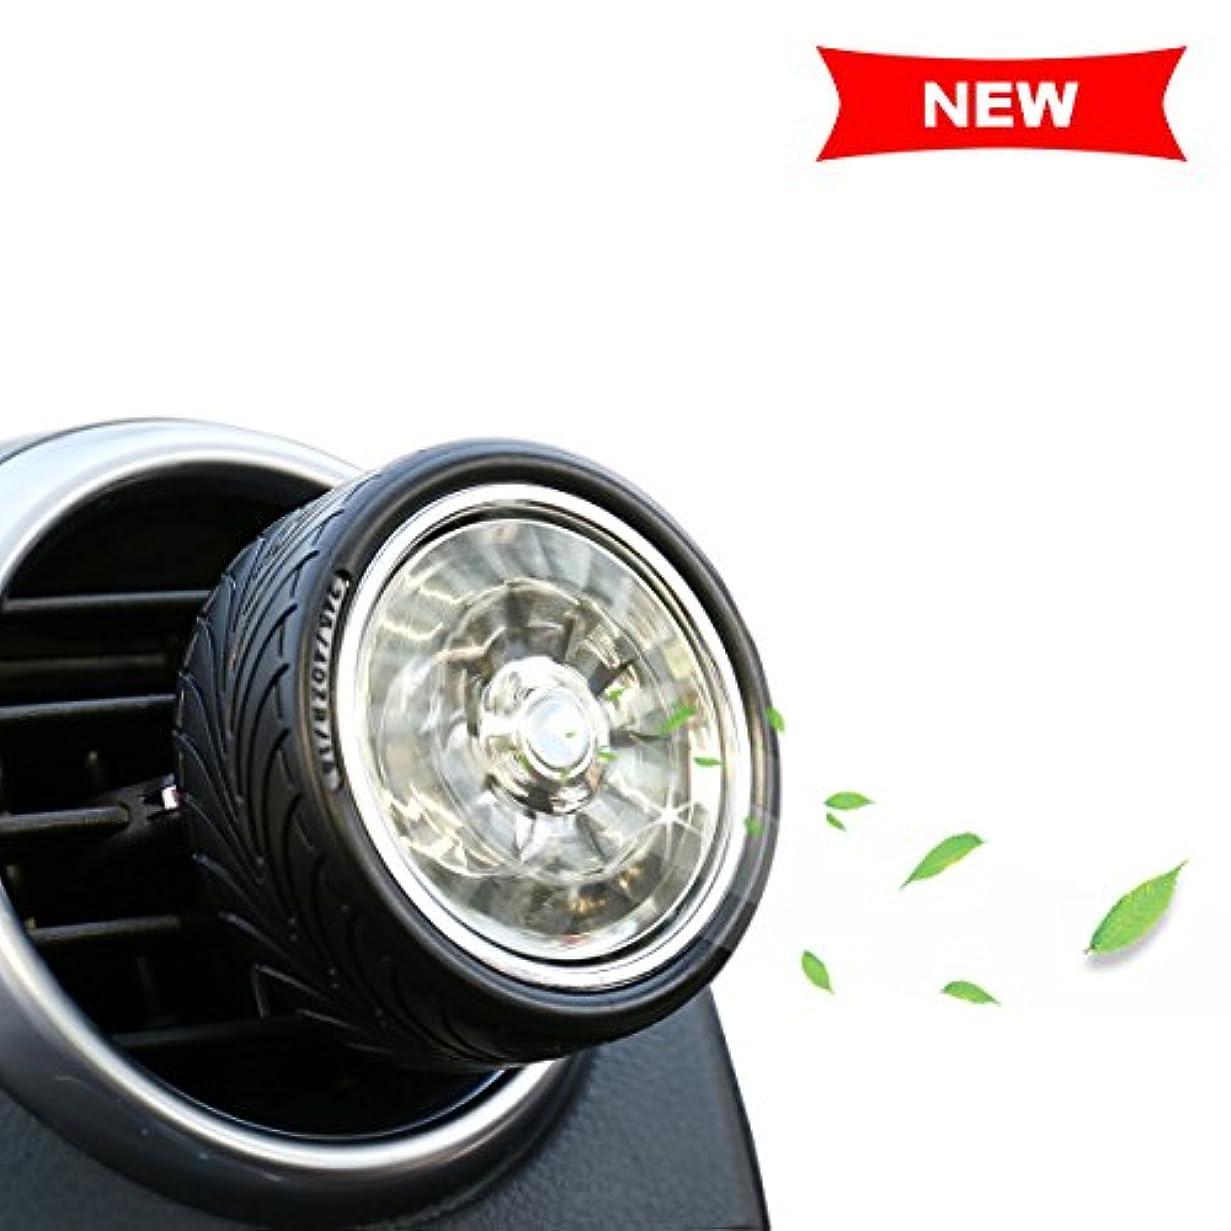 満州ベルトエキスAromatherapy Essential Oil Diffuser Car Air Freshener匂い、煙、臭気削除イオンエアークリーナー、シガレット、ほこり、なアクセサリーの自動車/ RV &車ギフト  CE、...